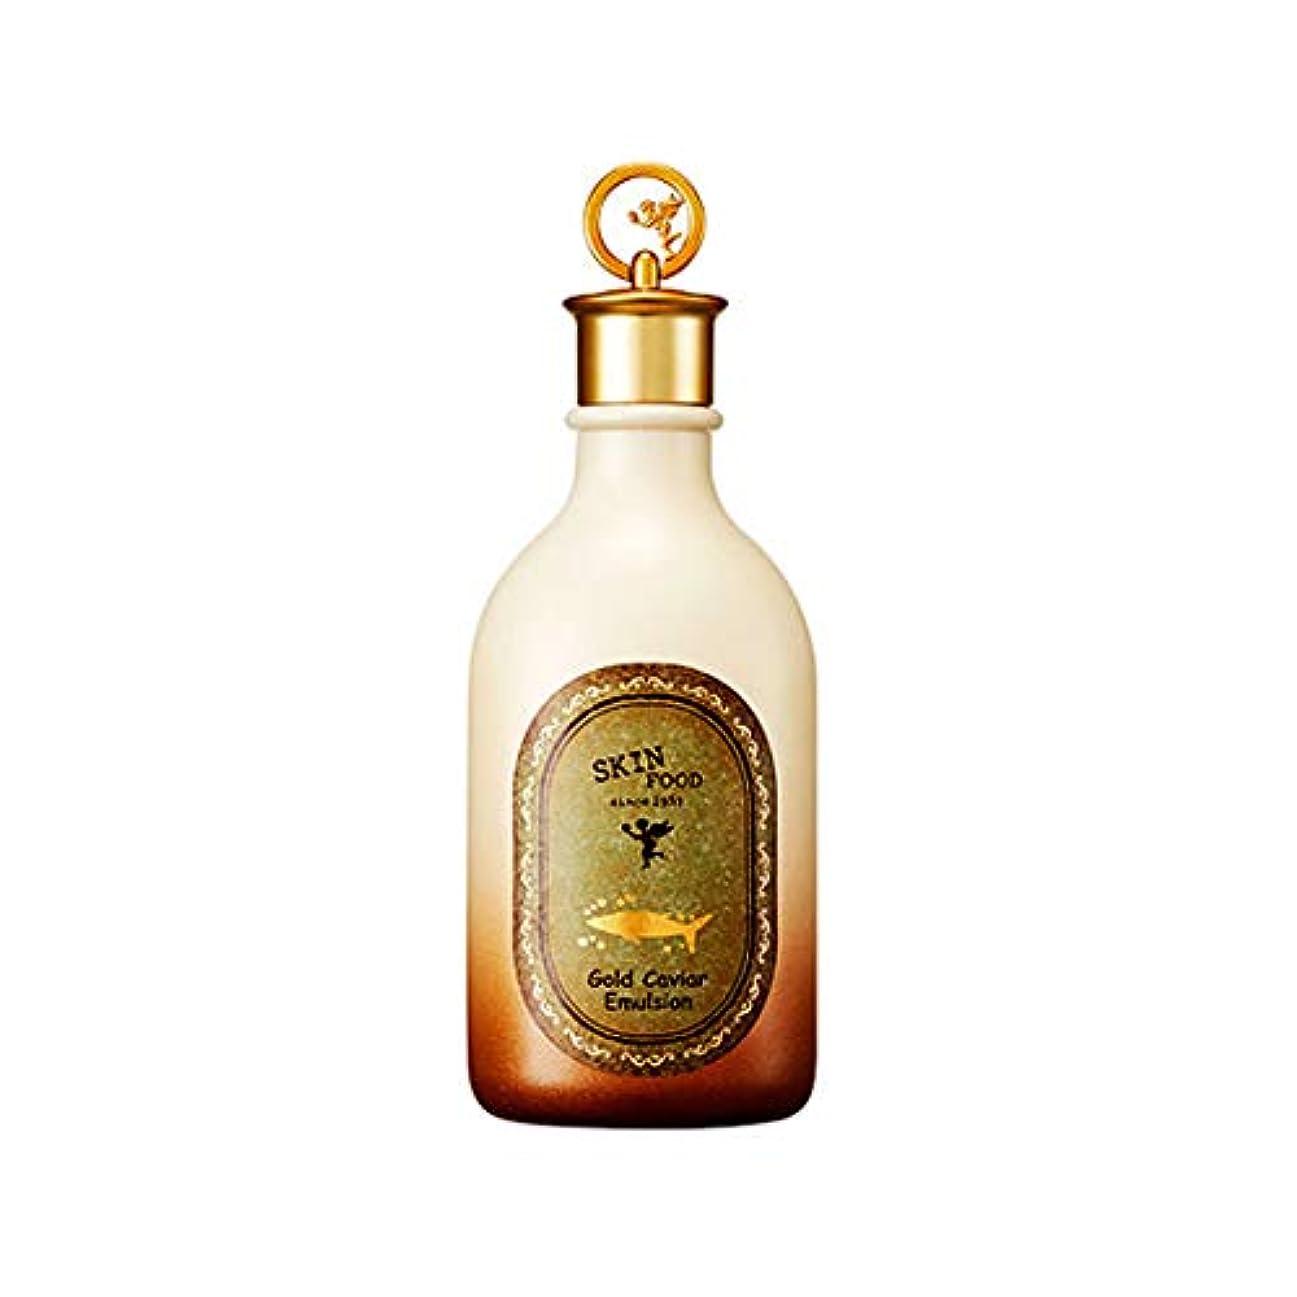 窒息させる急流なめらかSkinfood ゴールドキャビアエマルジョン(しわケア) / Gold Caviar Emulsion (Wrinkle care) 145ml [並行輸入品]